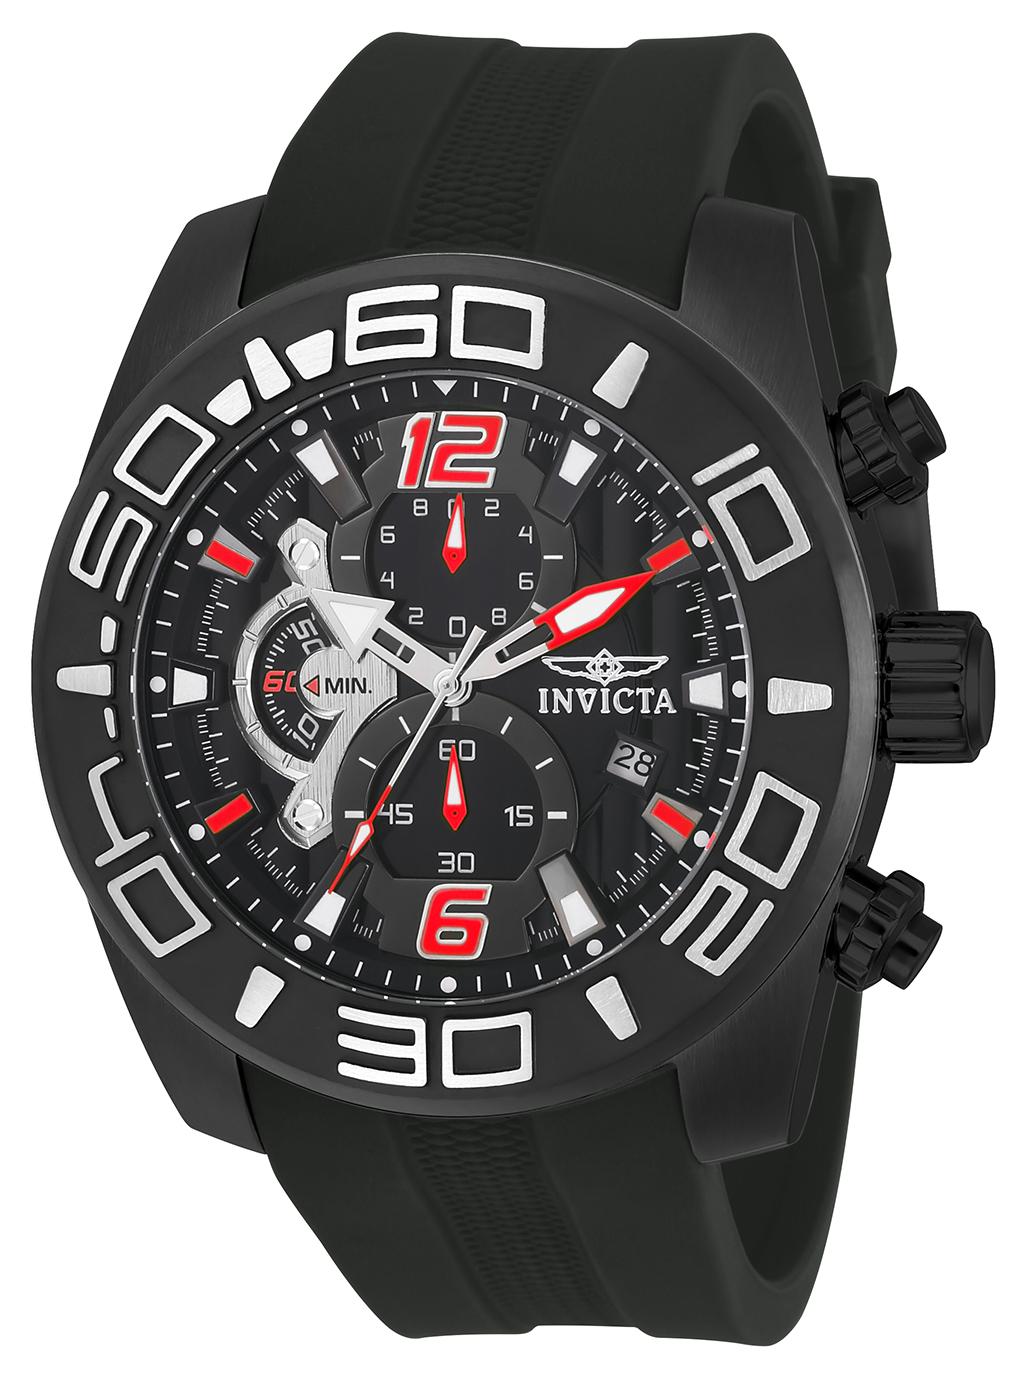 Invicta 22811 Men's Pro Diver Black Dial Black IP Steel Black Silicone Strap Chronograph Watch